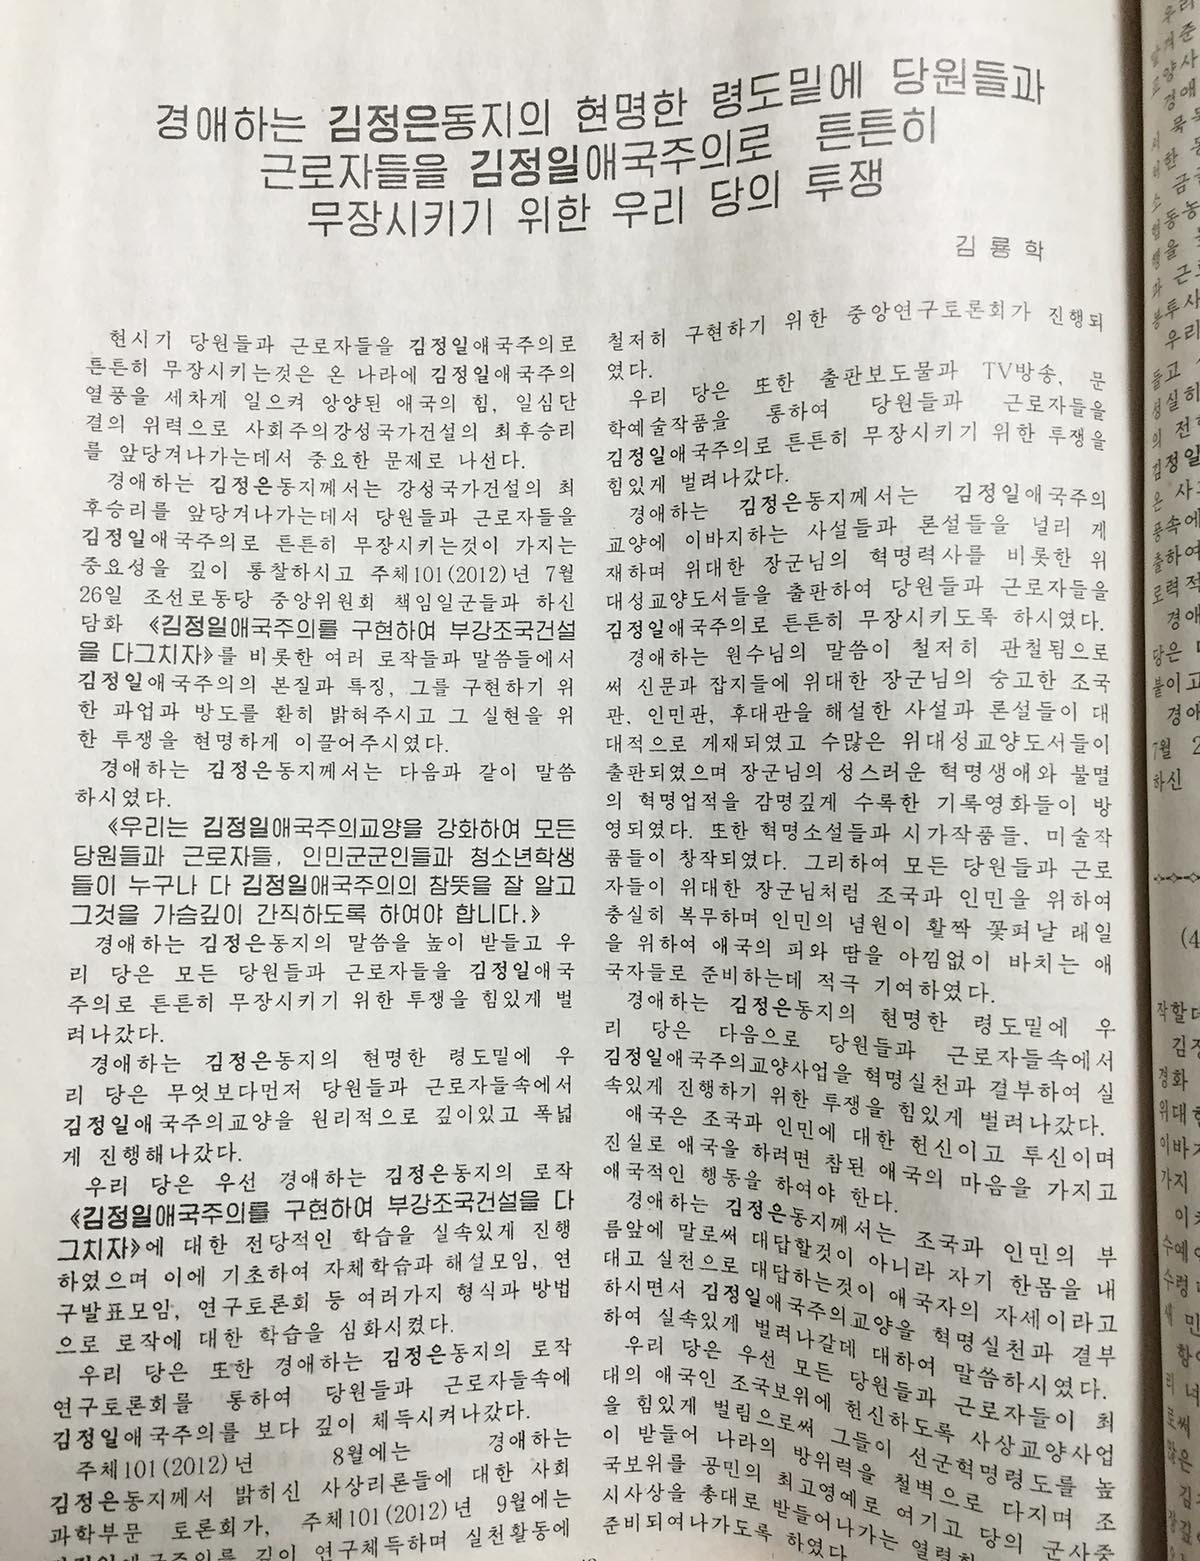 상하이 시립도서관에 비치된 북한의 체제 선전용 잡지 ©문수미